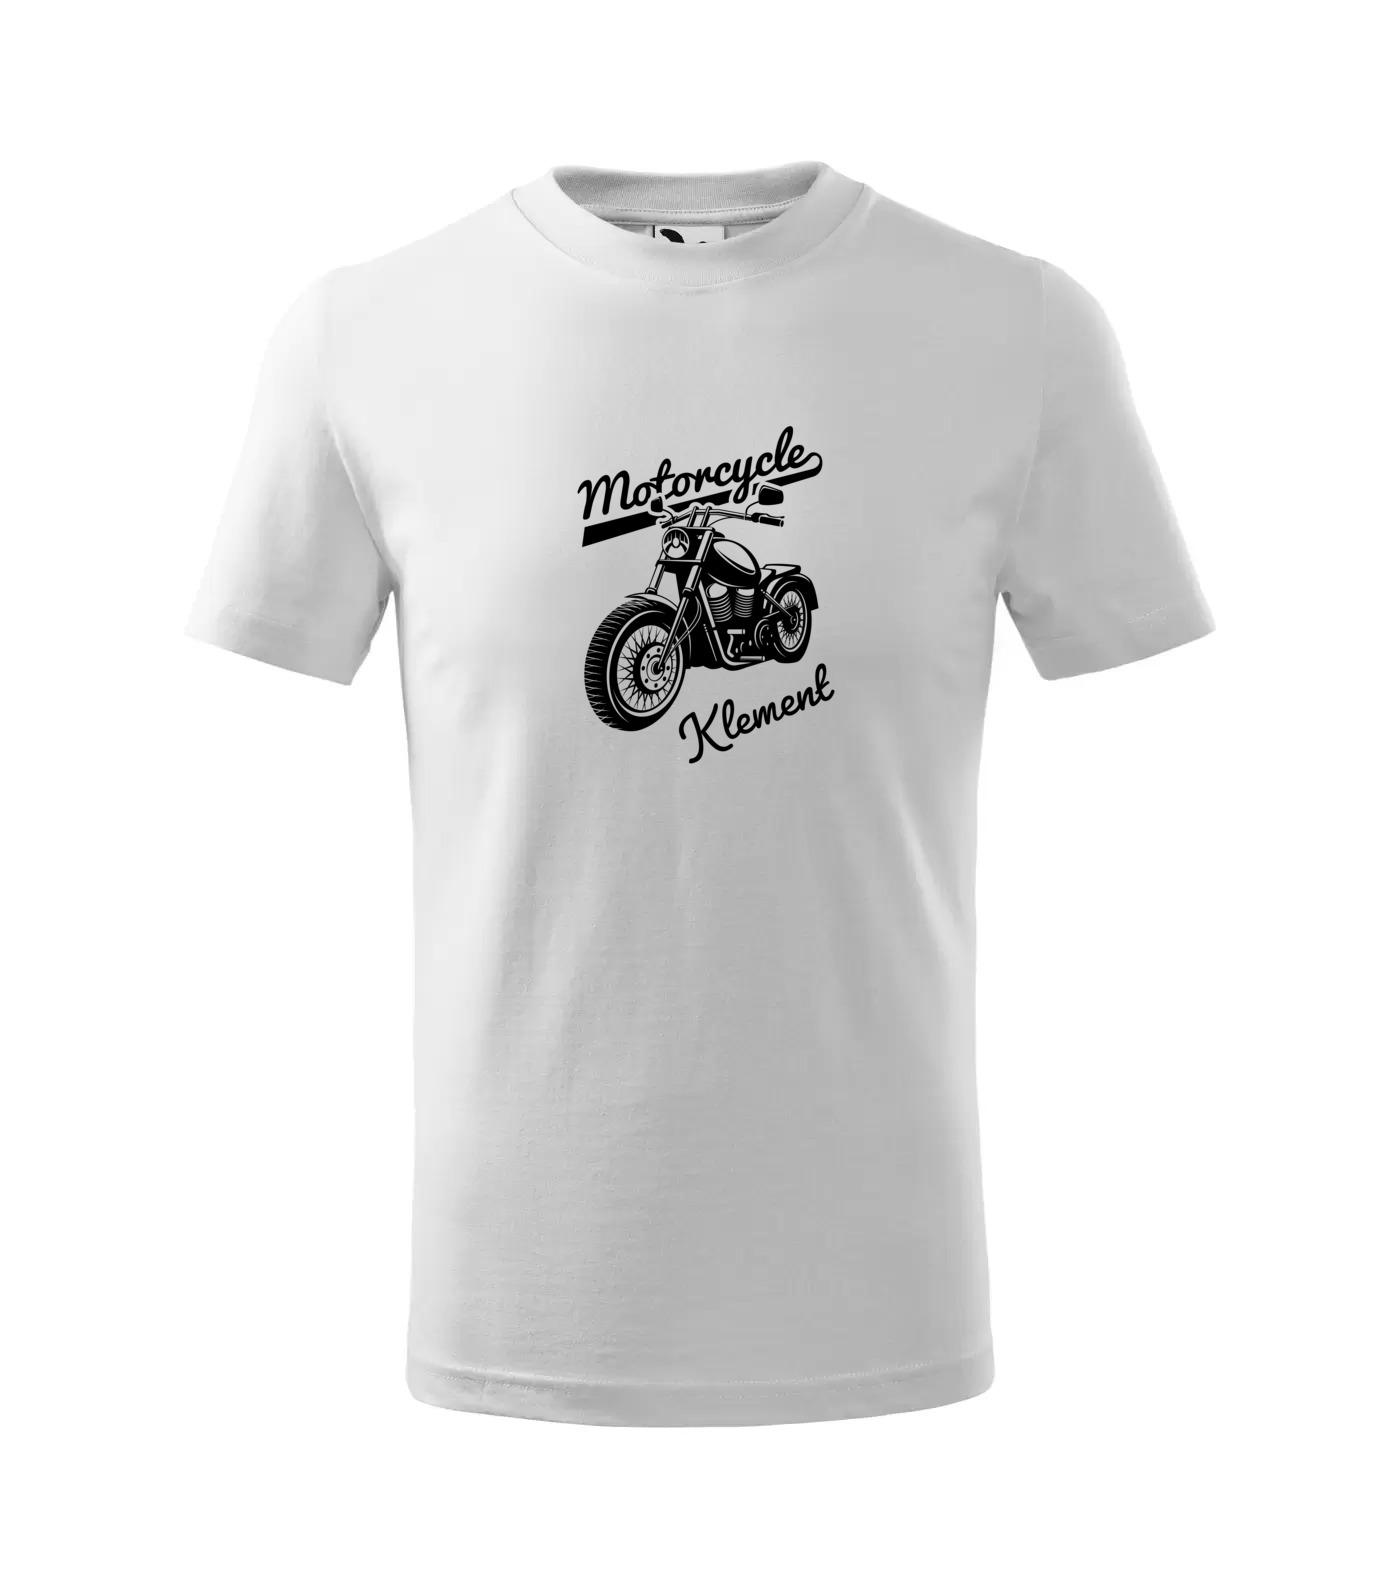 Tričko Motorkář Inverse Klement